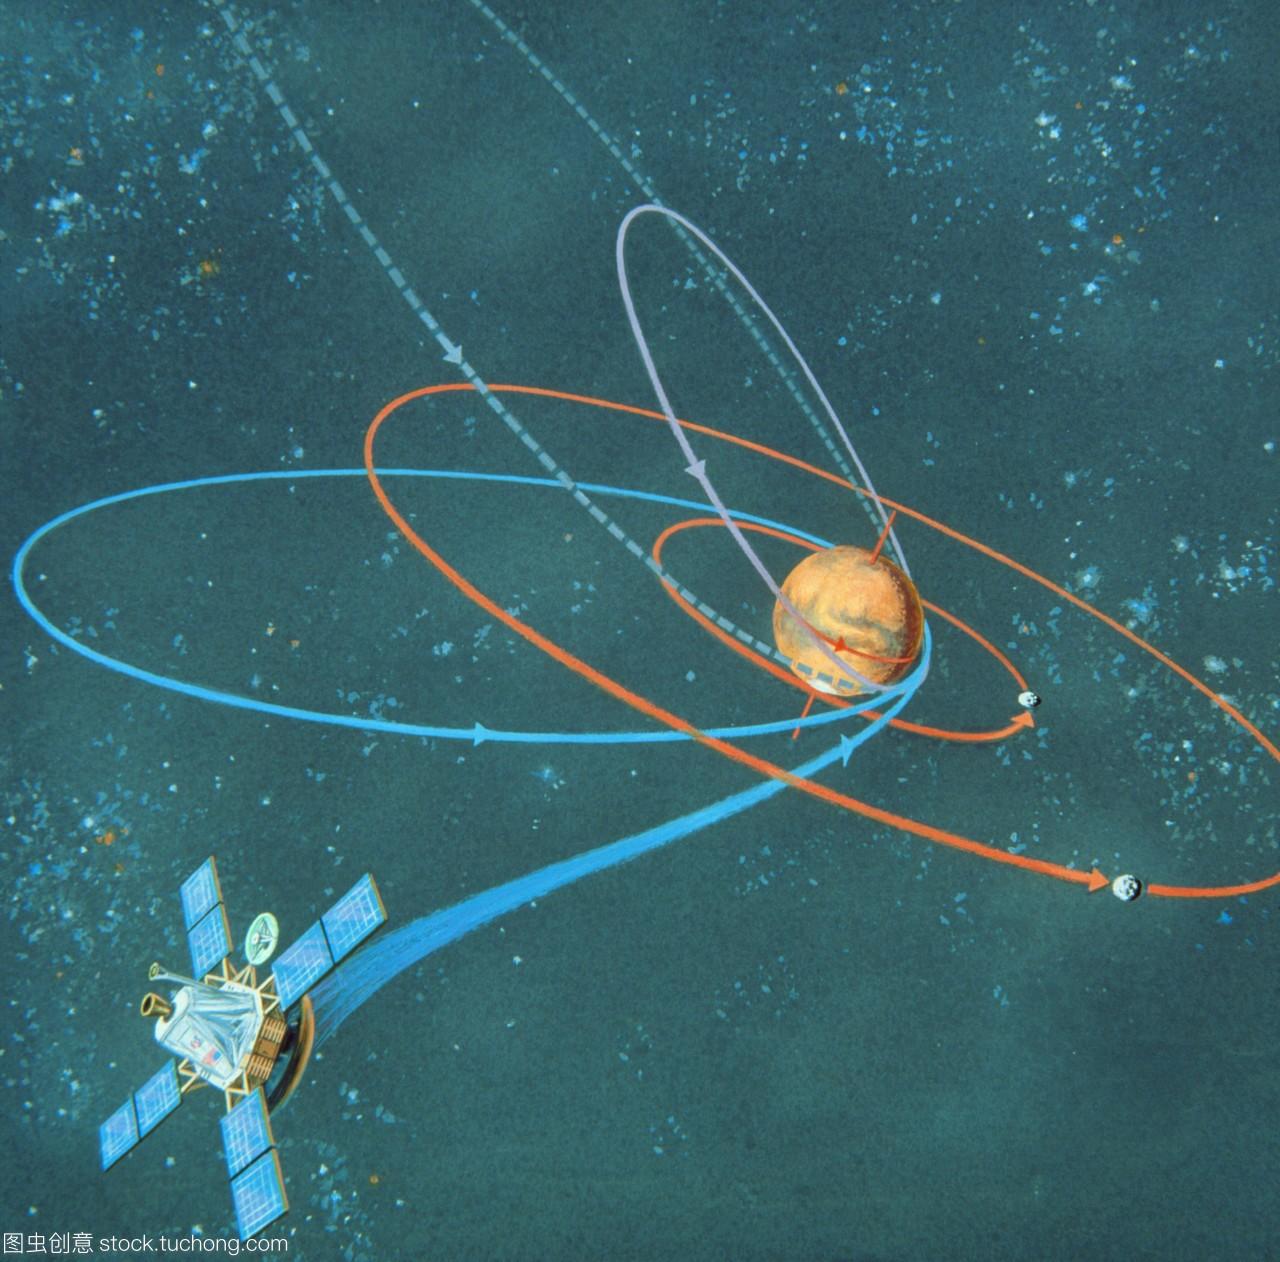 火星显示。探索太空探测器轨道9号高中蓝色和校园水手海报书市图片